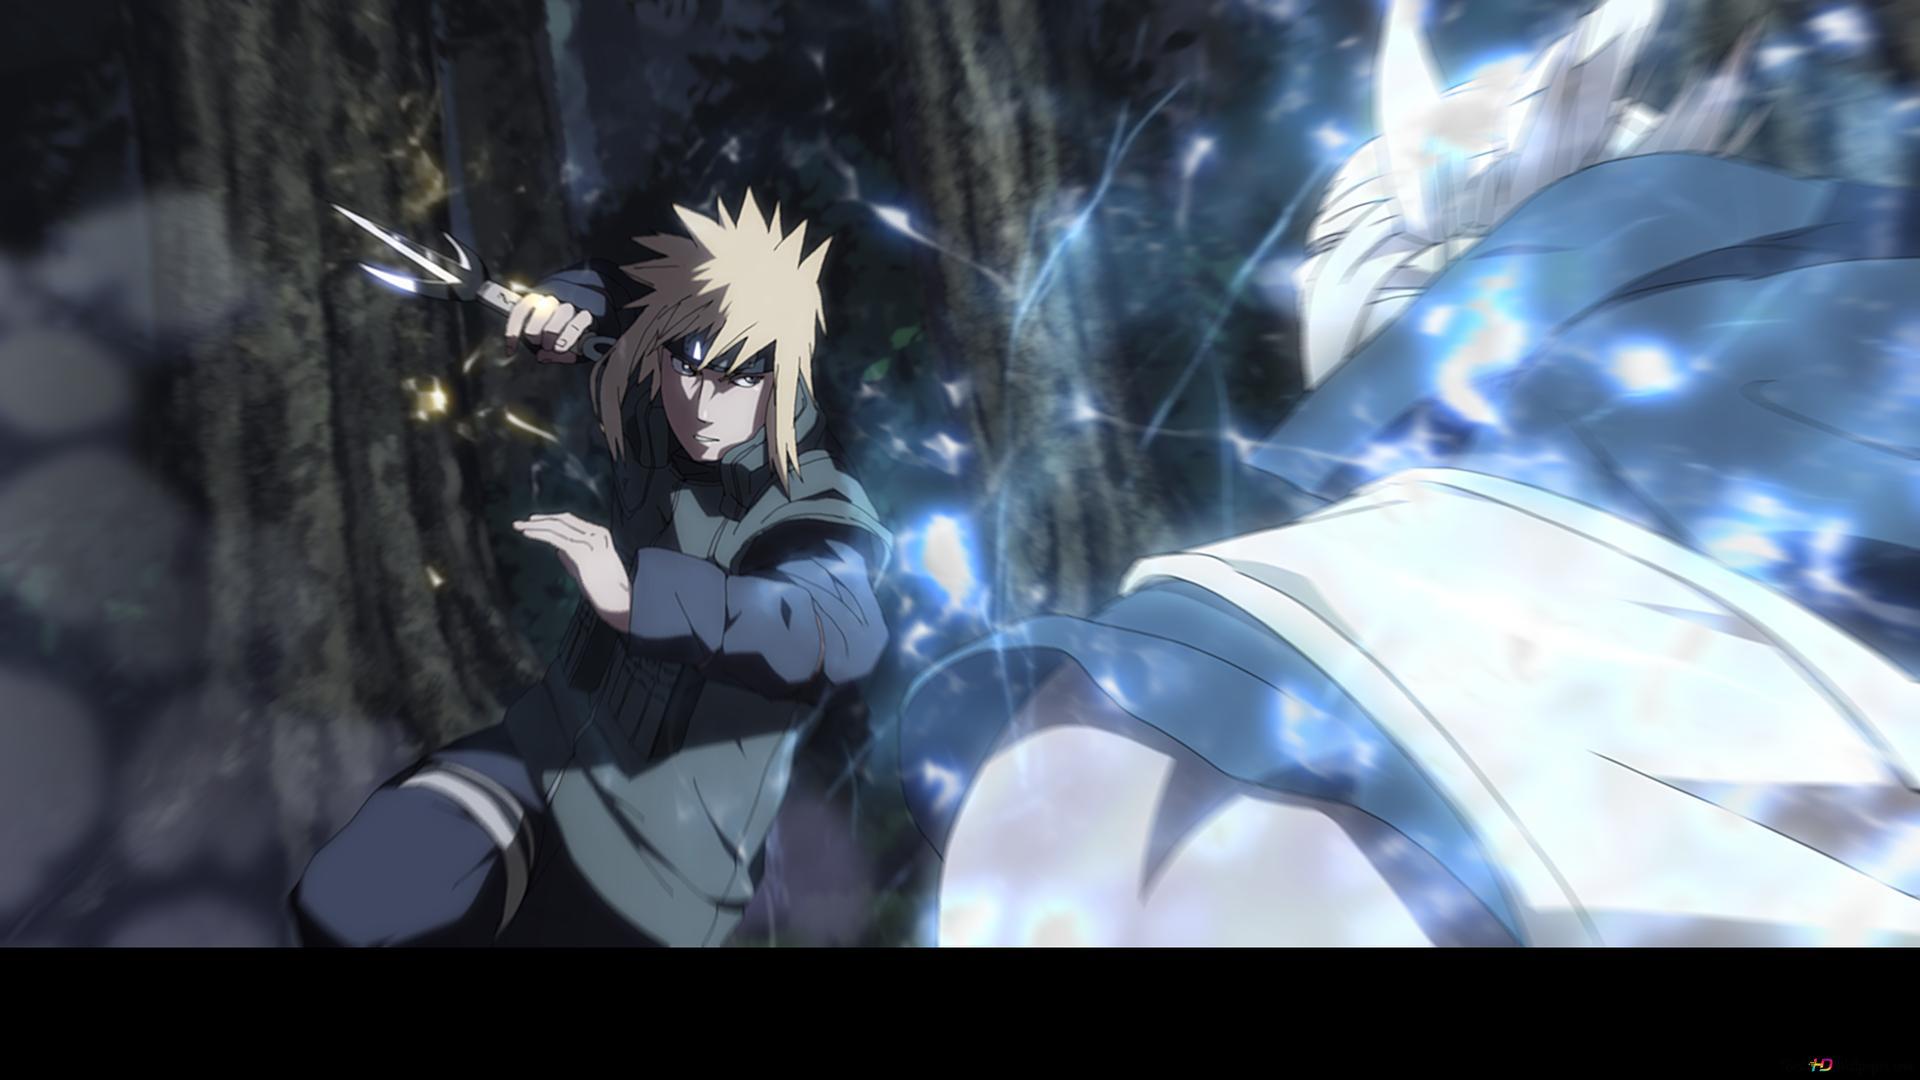 Descargar Fondo De Pantalla Naruto Shippuden Cuarto Hokage